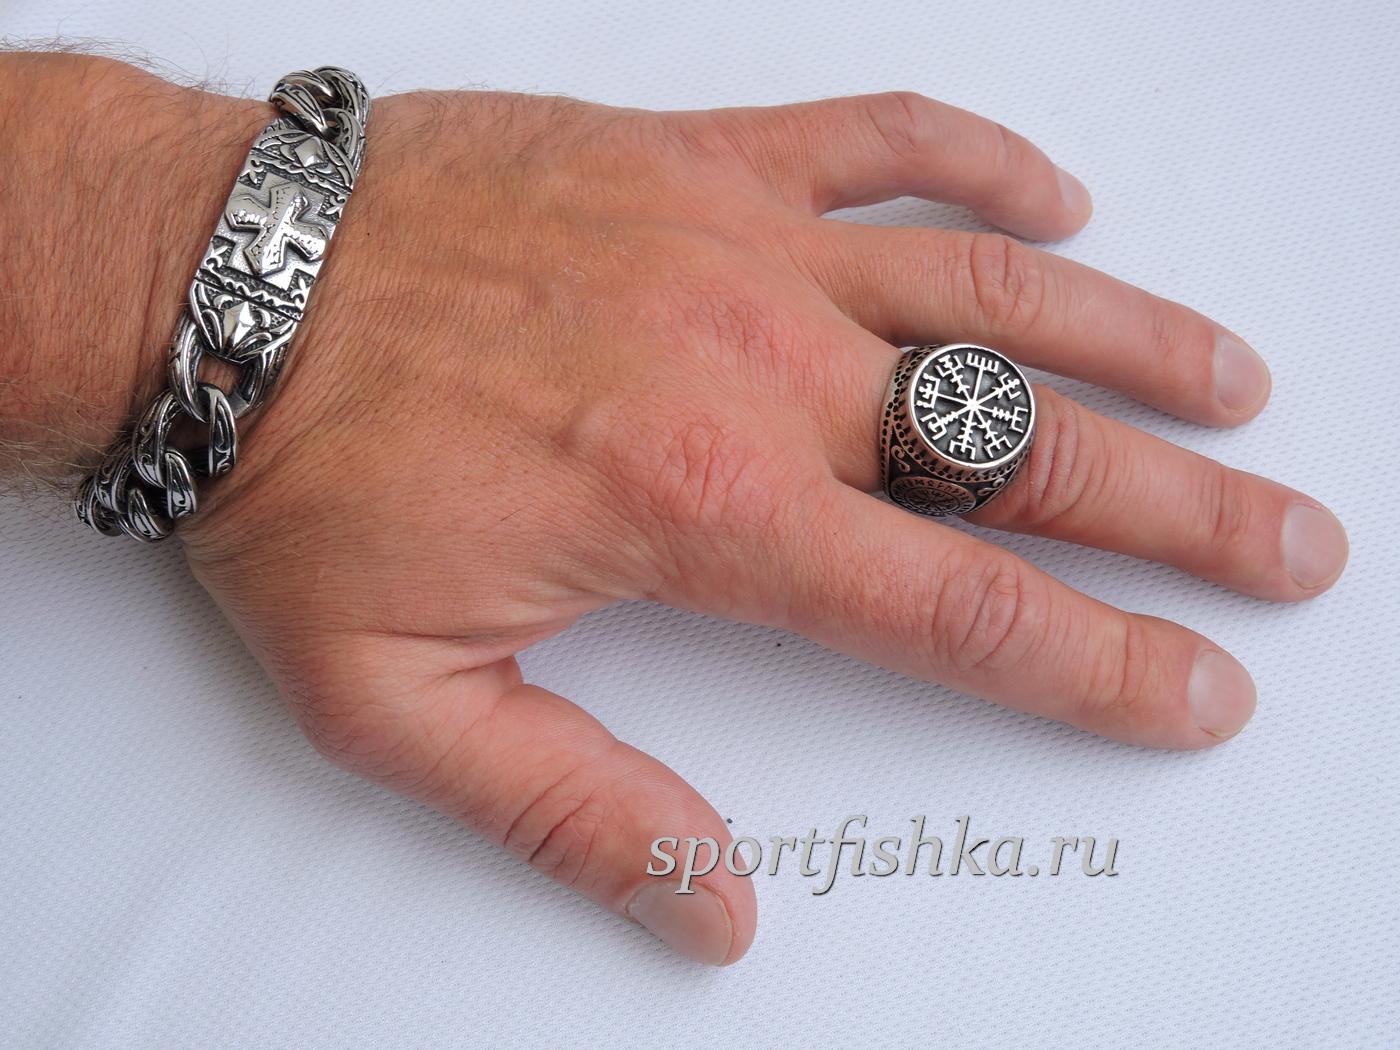 Кольцо из стали вегвизир на пальце